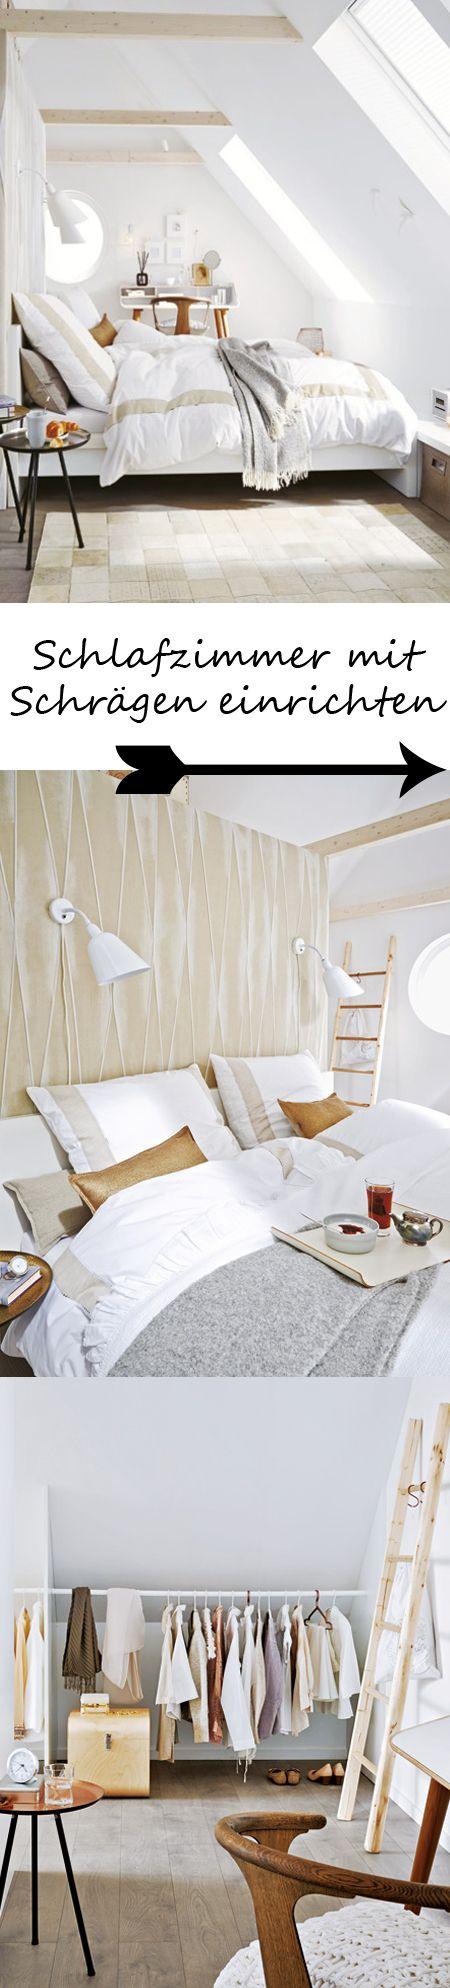 Wir verwandeln eine schlichte Dachkammer mit vielen Schrägen in ein gemütliches Schlafzimmer mit großzügiger Ankleide und jeder Menge Platz! ALLE TIPPS >>>